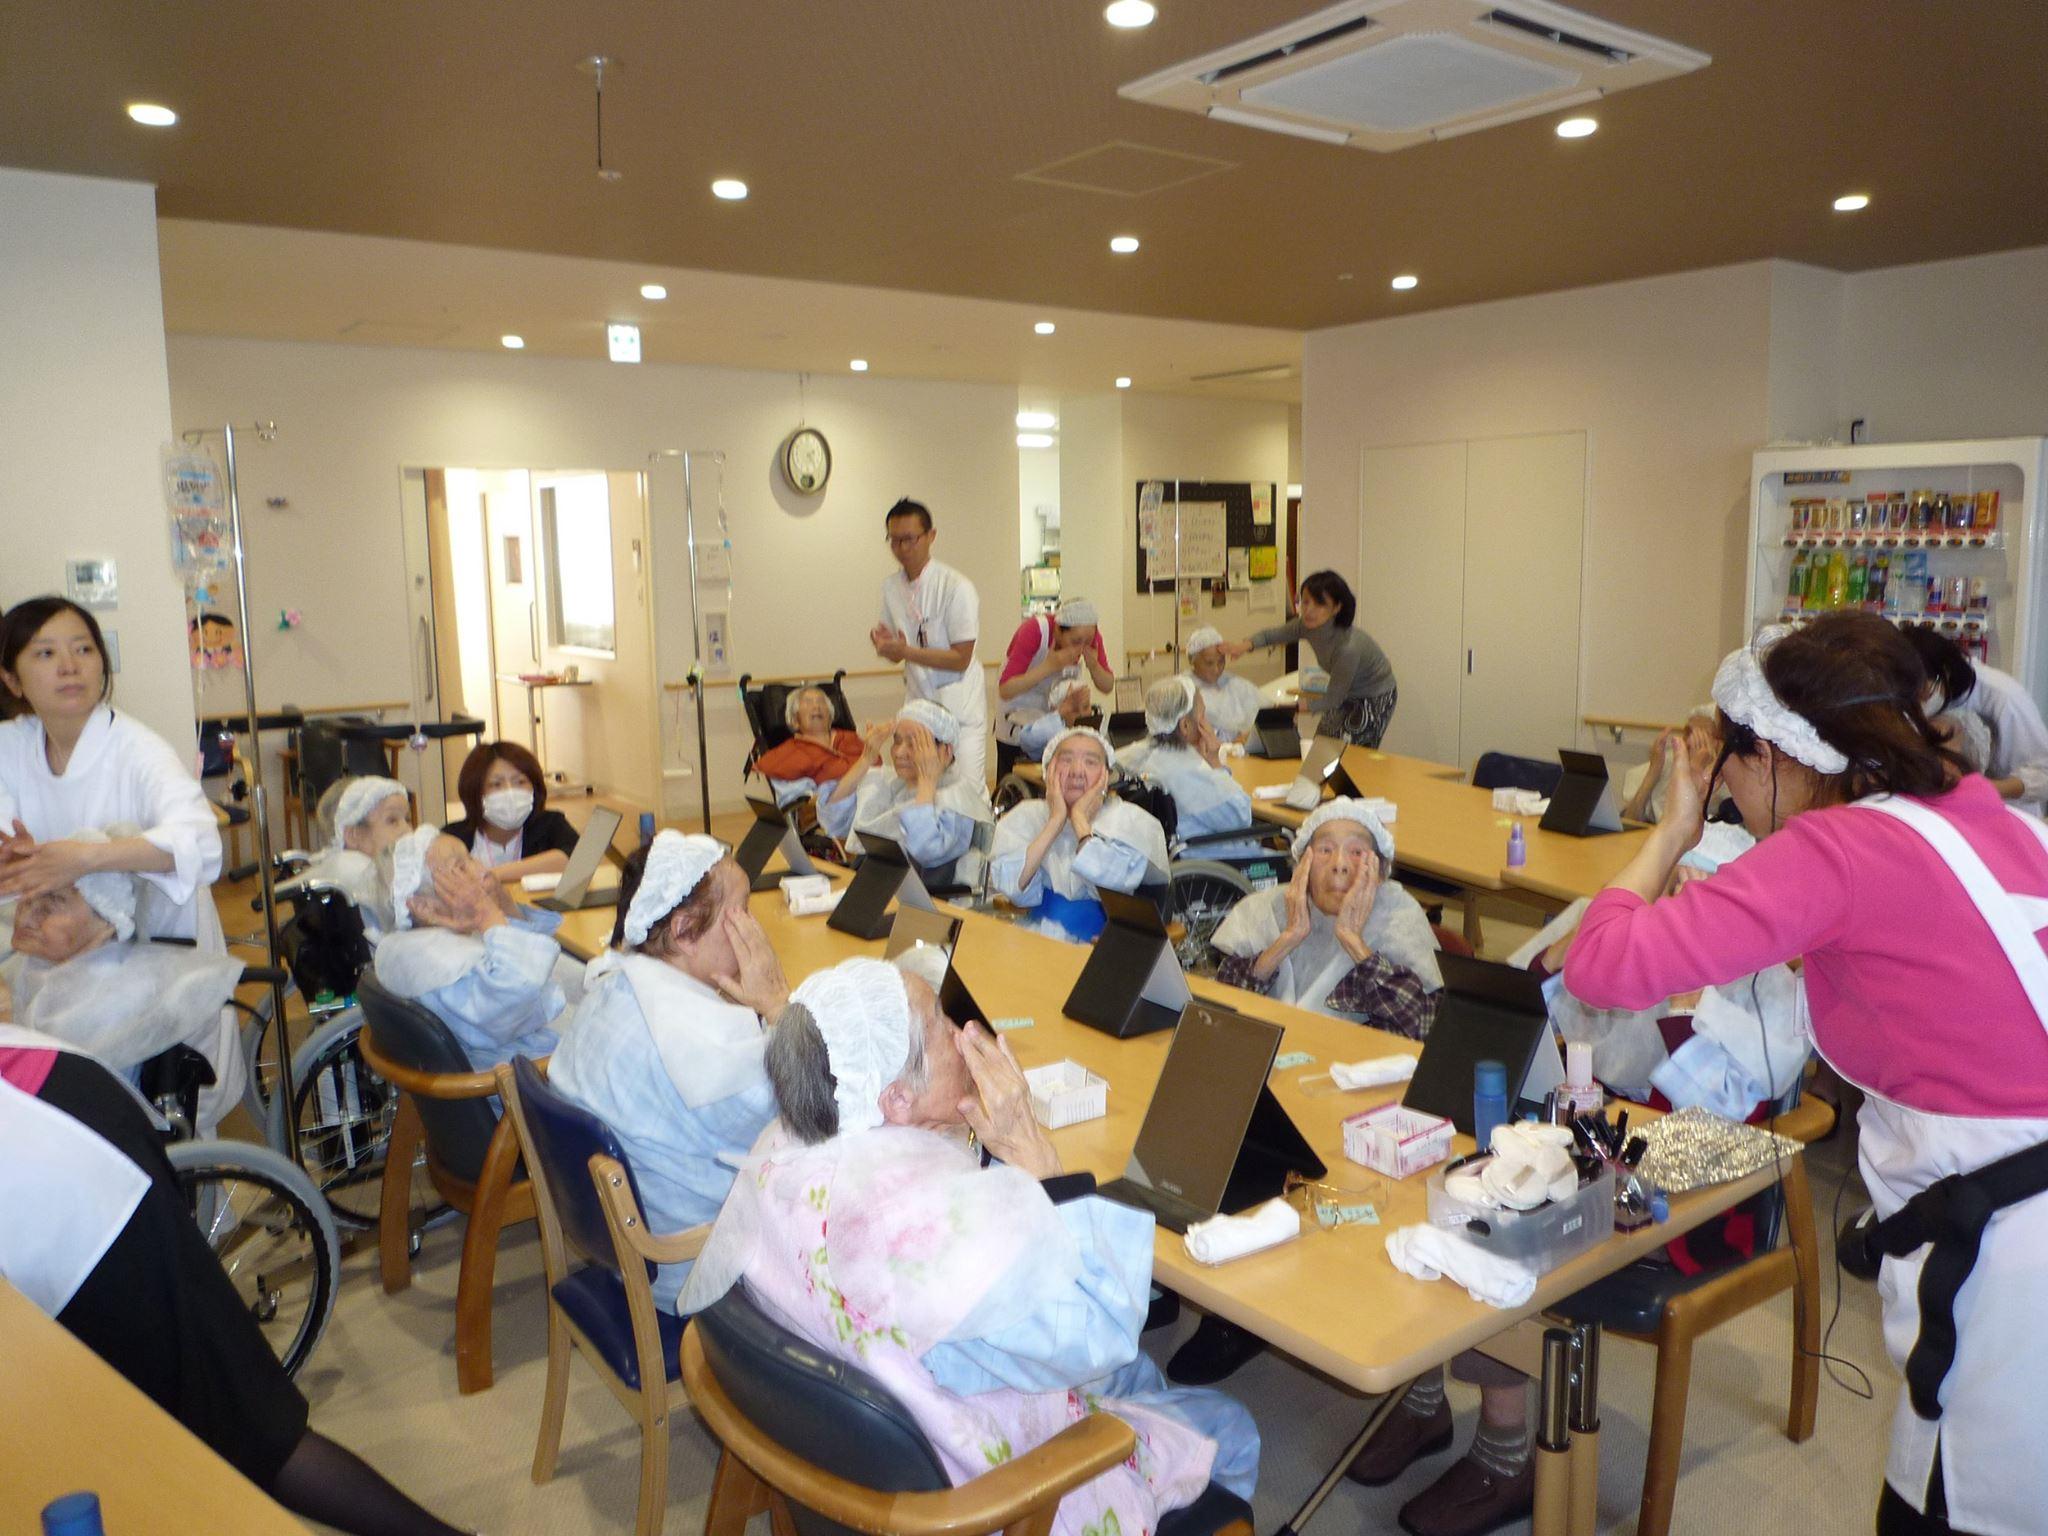 2016年1月14日 菅原病院化粧療法教室